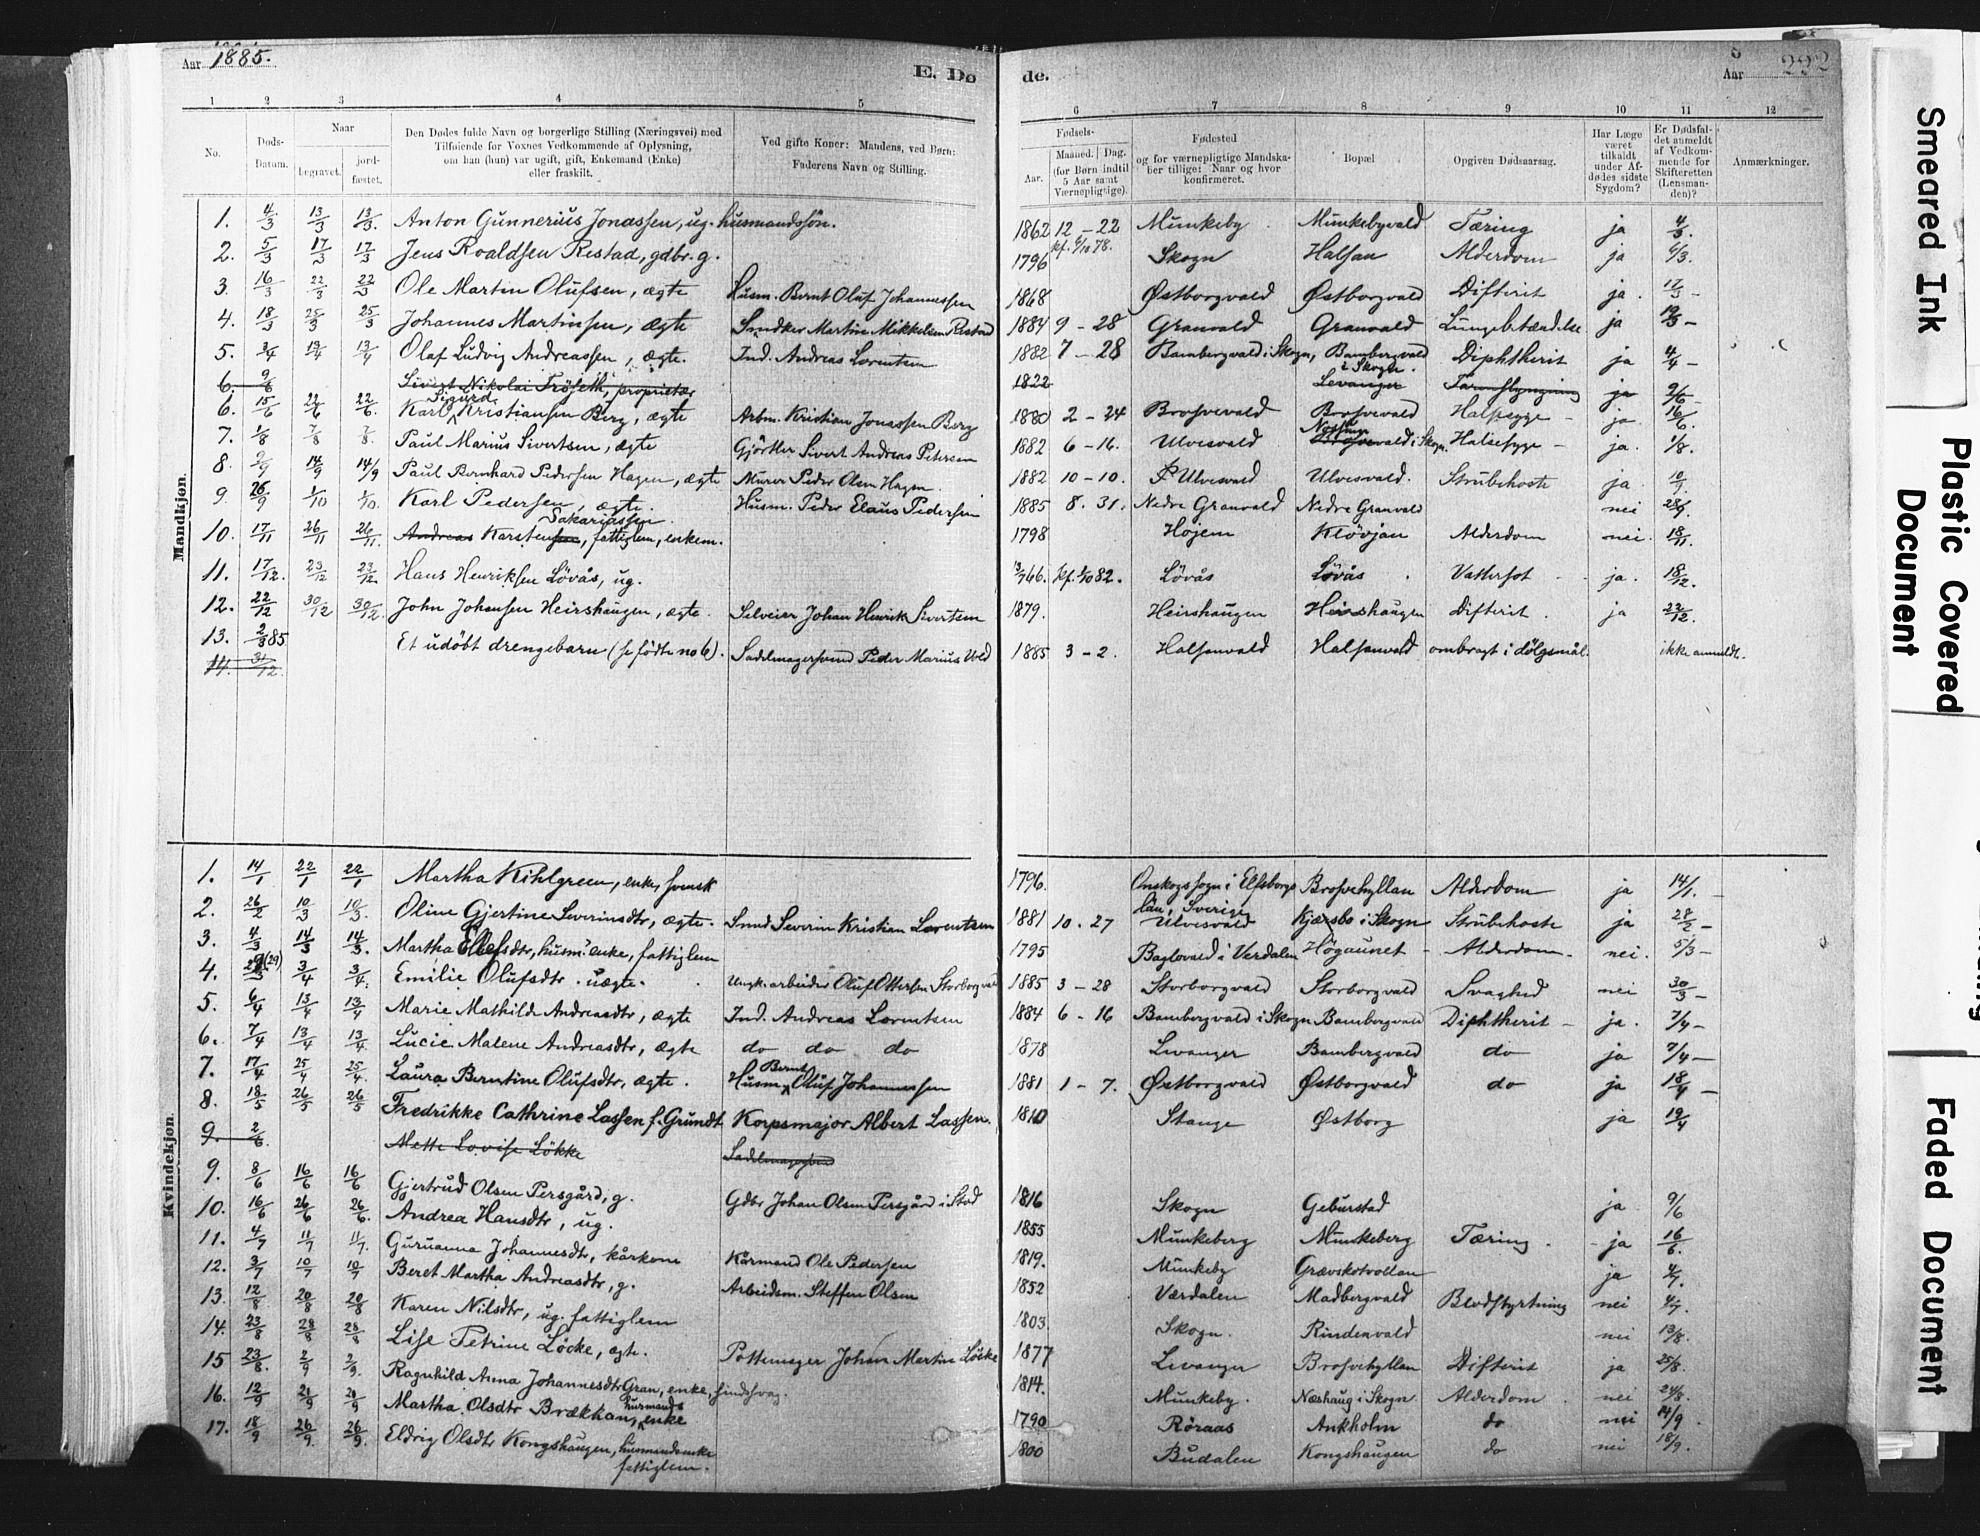 SAT, Ministerialprotokoller, klokkerbøker og fødselsregistre - Nord-Trøndelag, 721/L0207: Ministerialbok nr. 721A02, 1880-1911, s. 222